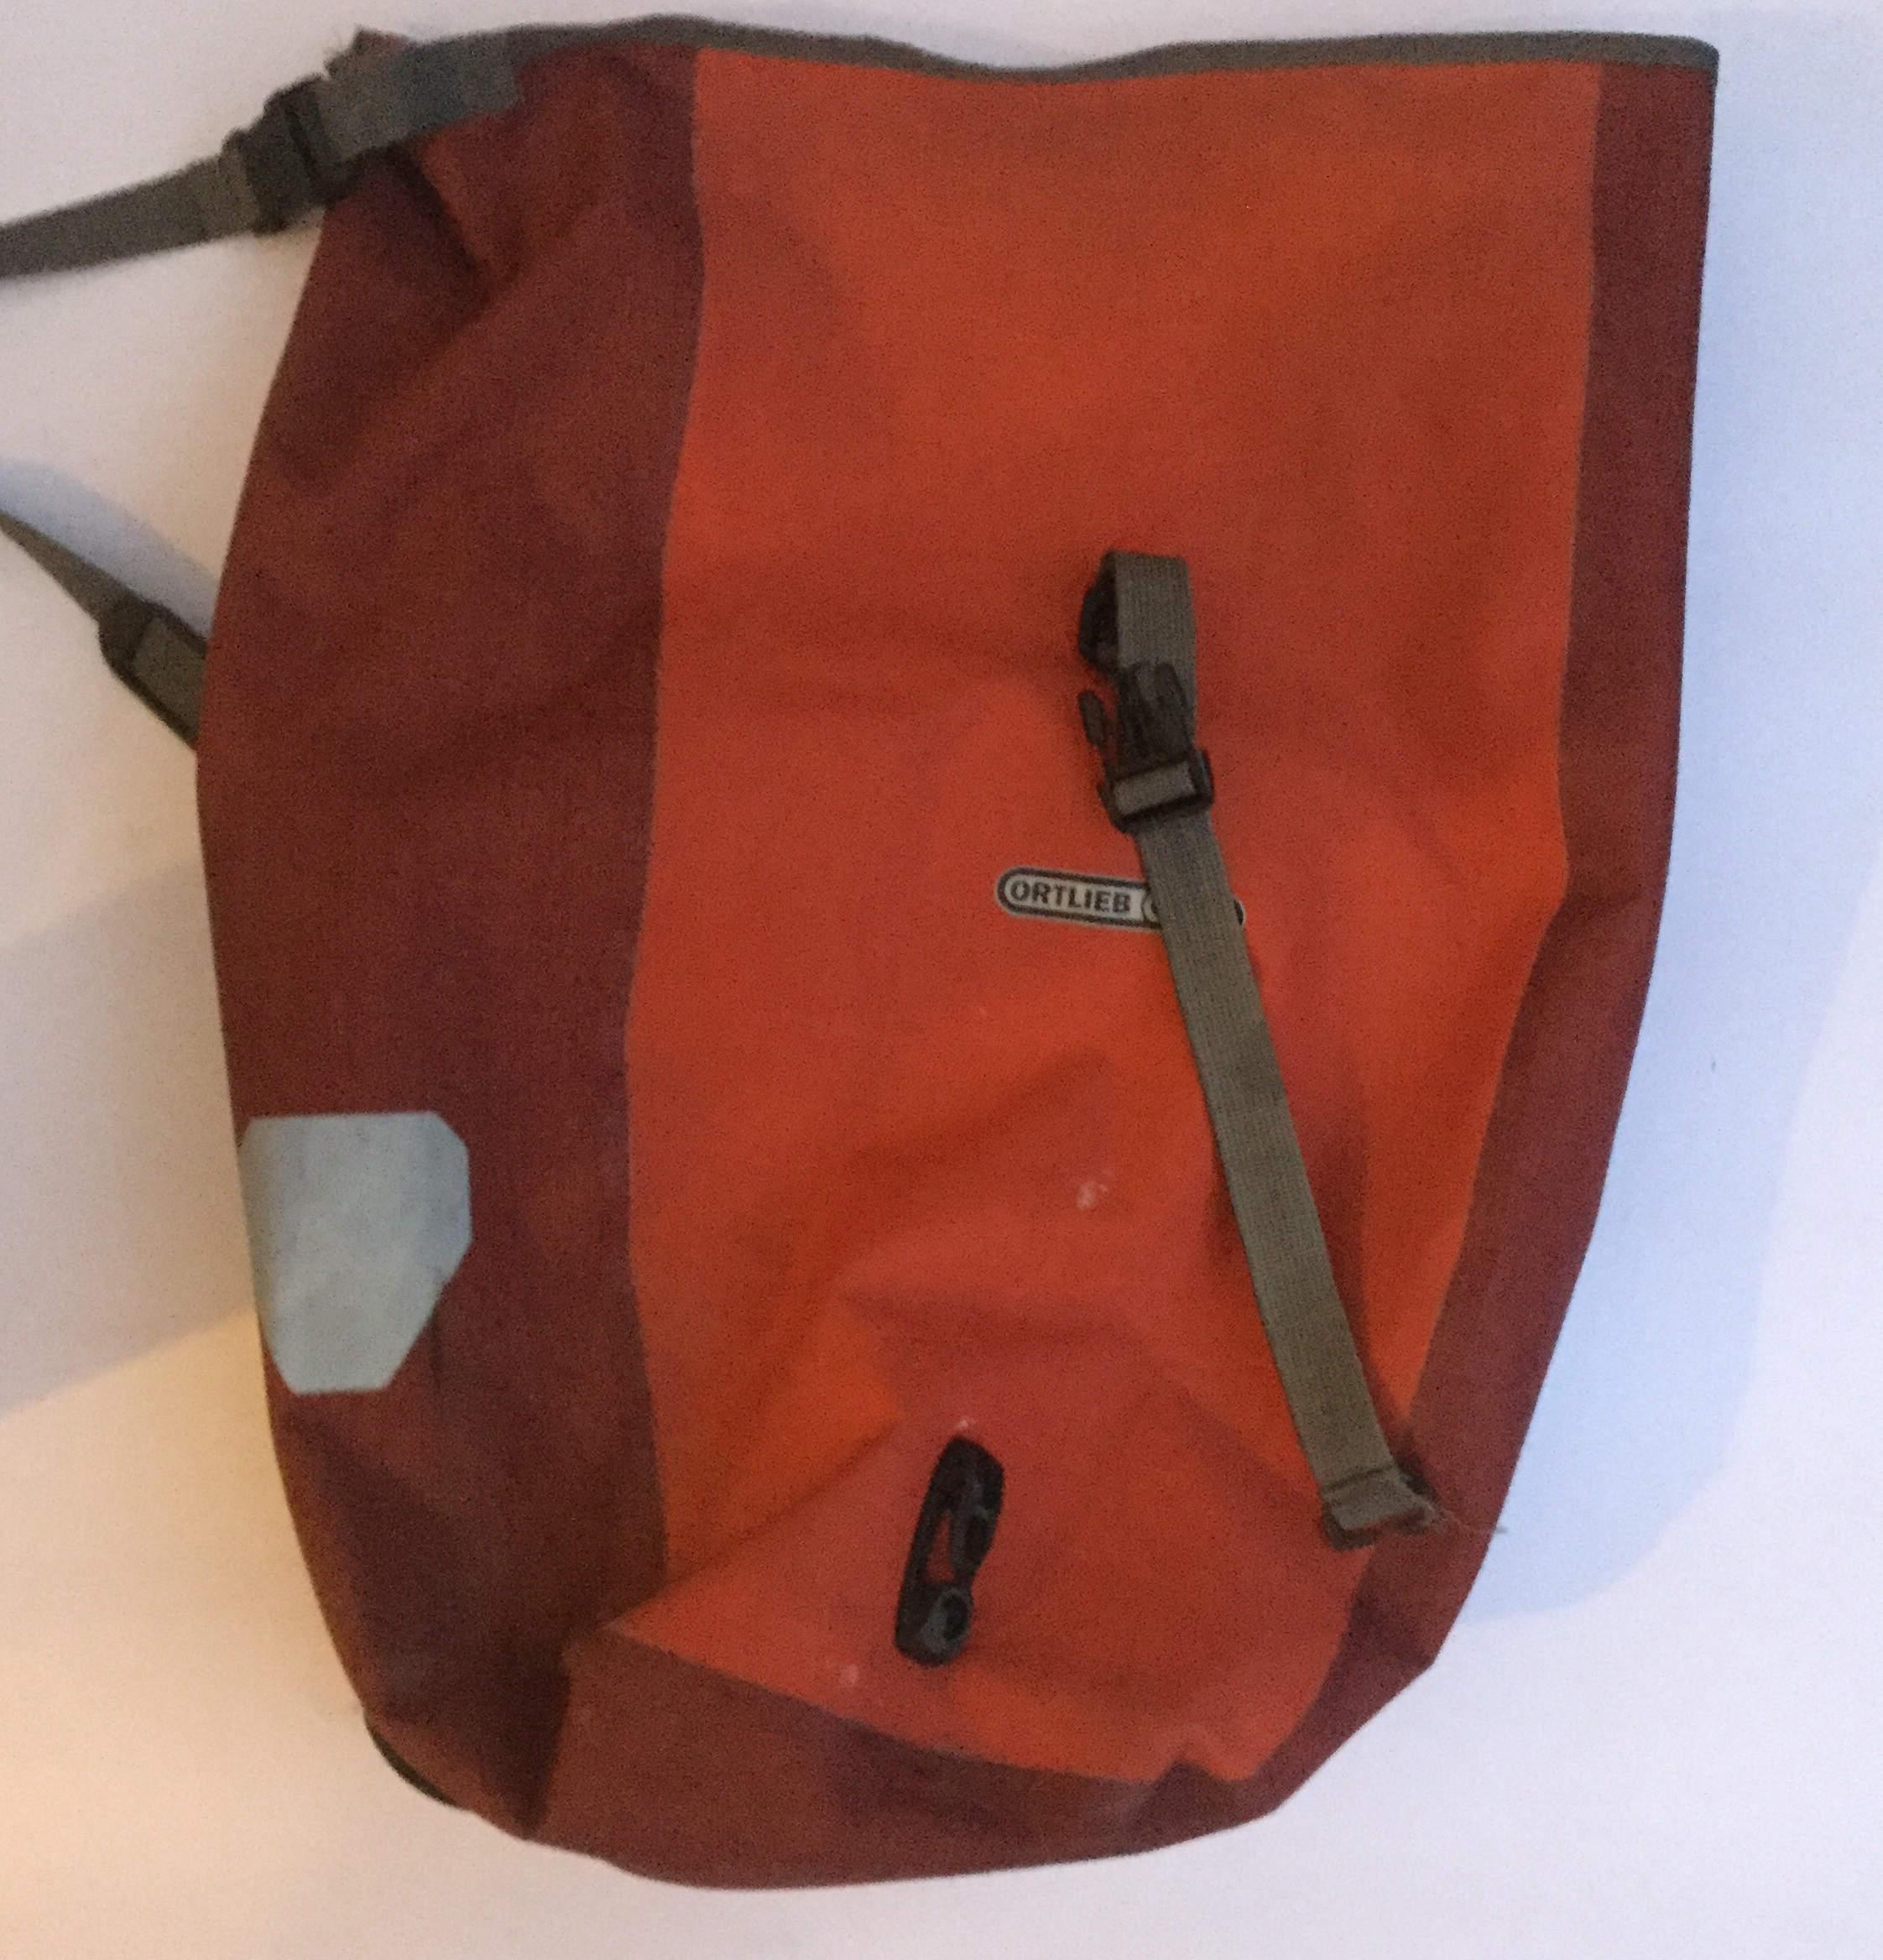 Ortlieb-Tasche - wichtig für meine Fahrradausrüstung